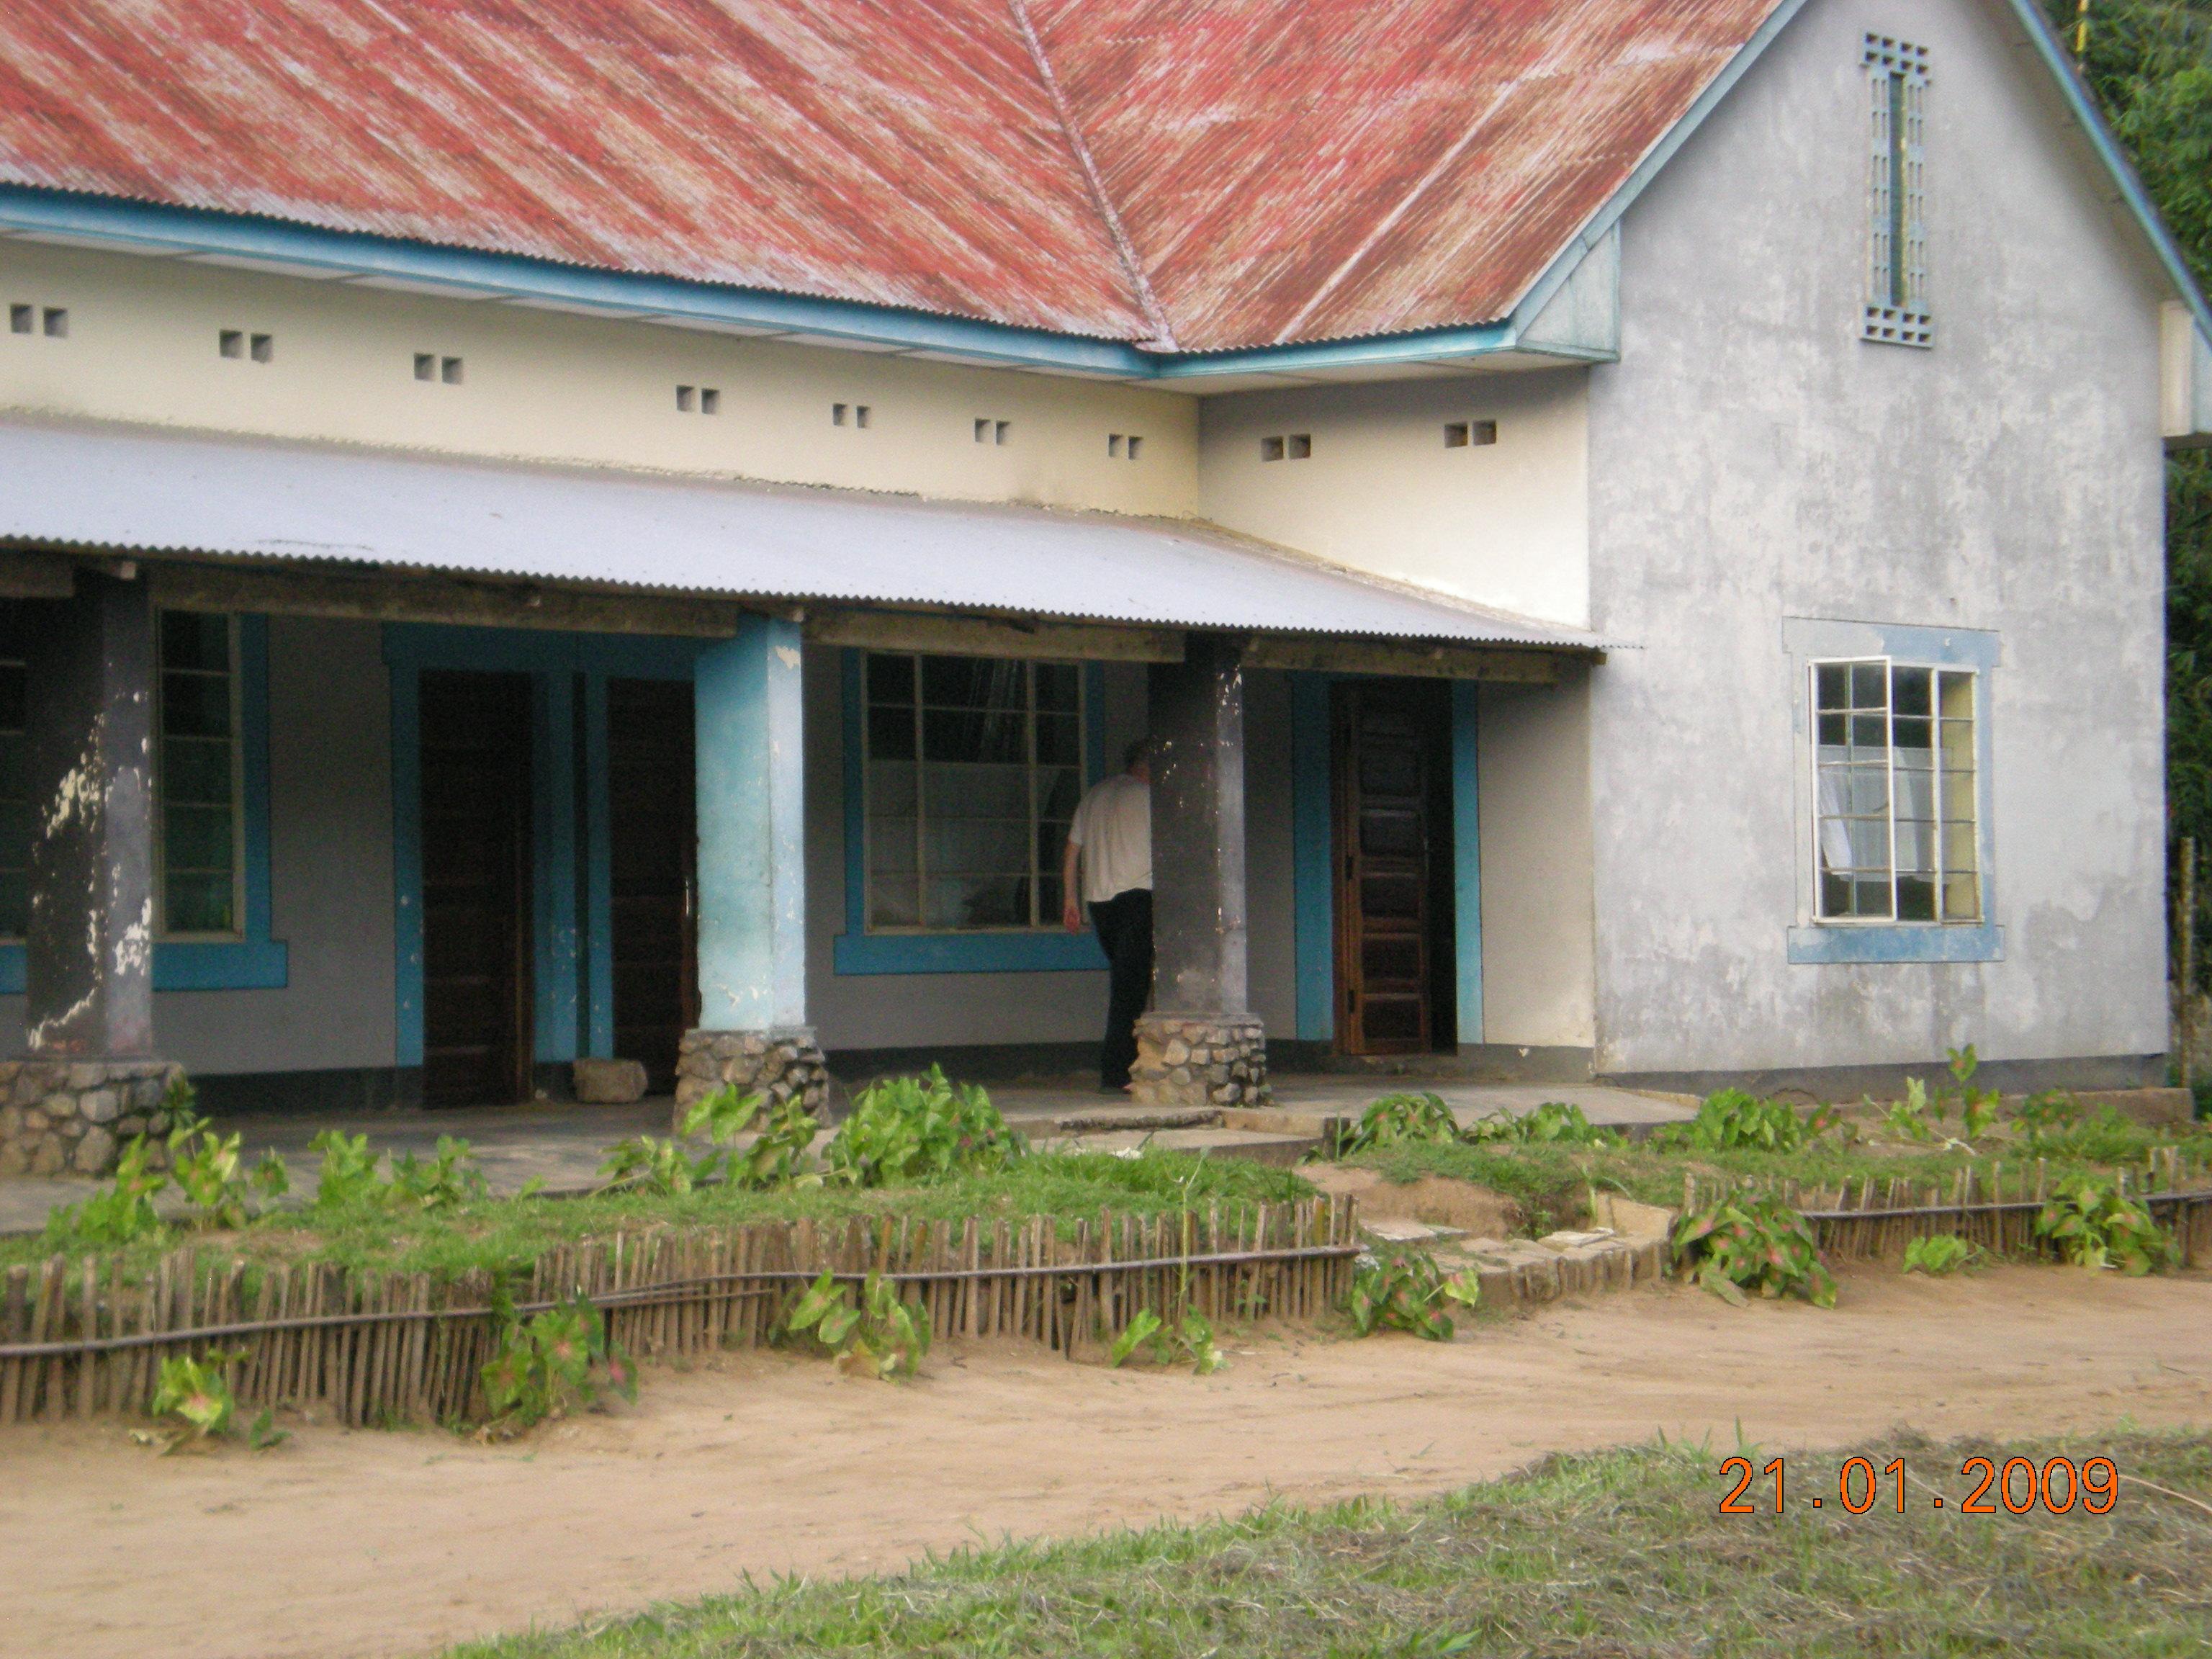 Congo-Domiongo paroisse 03